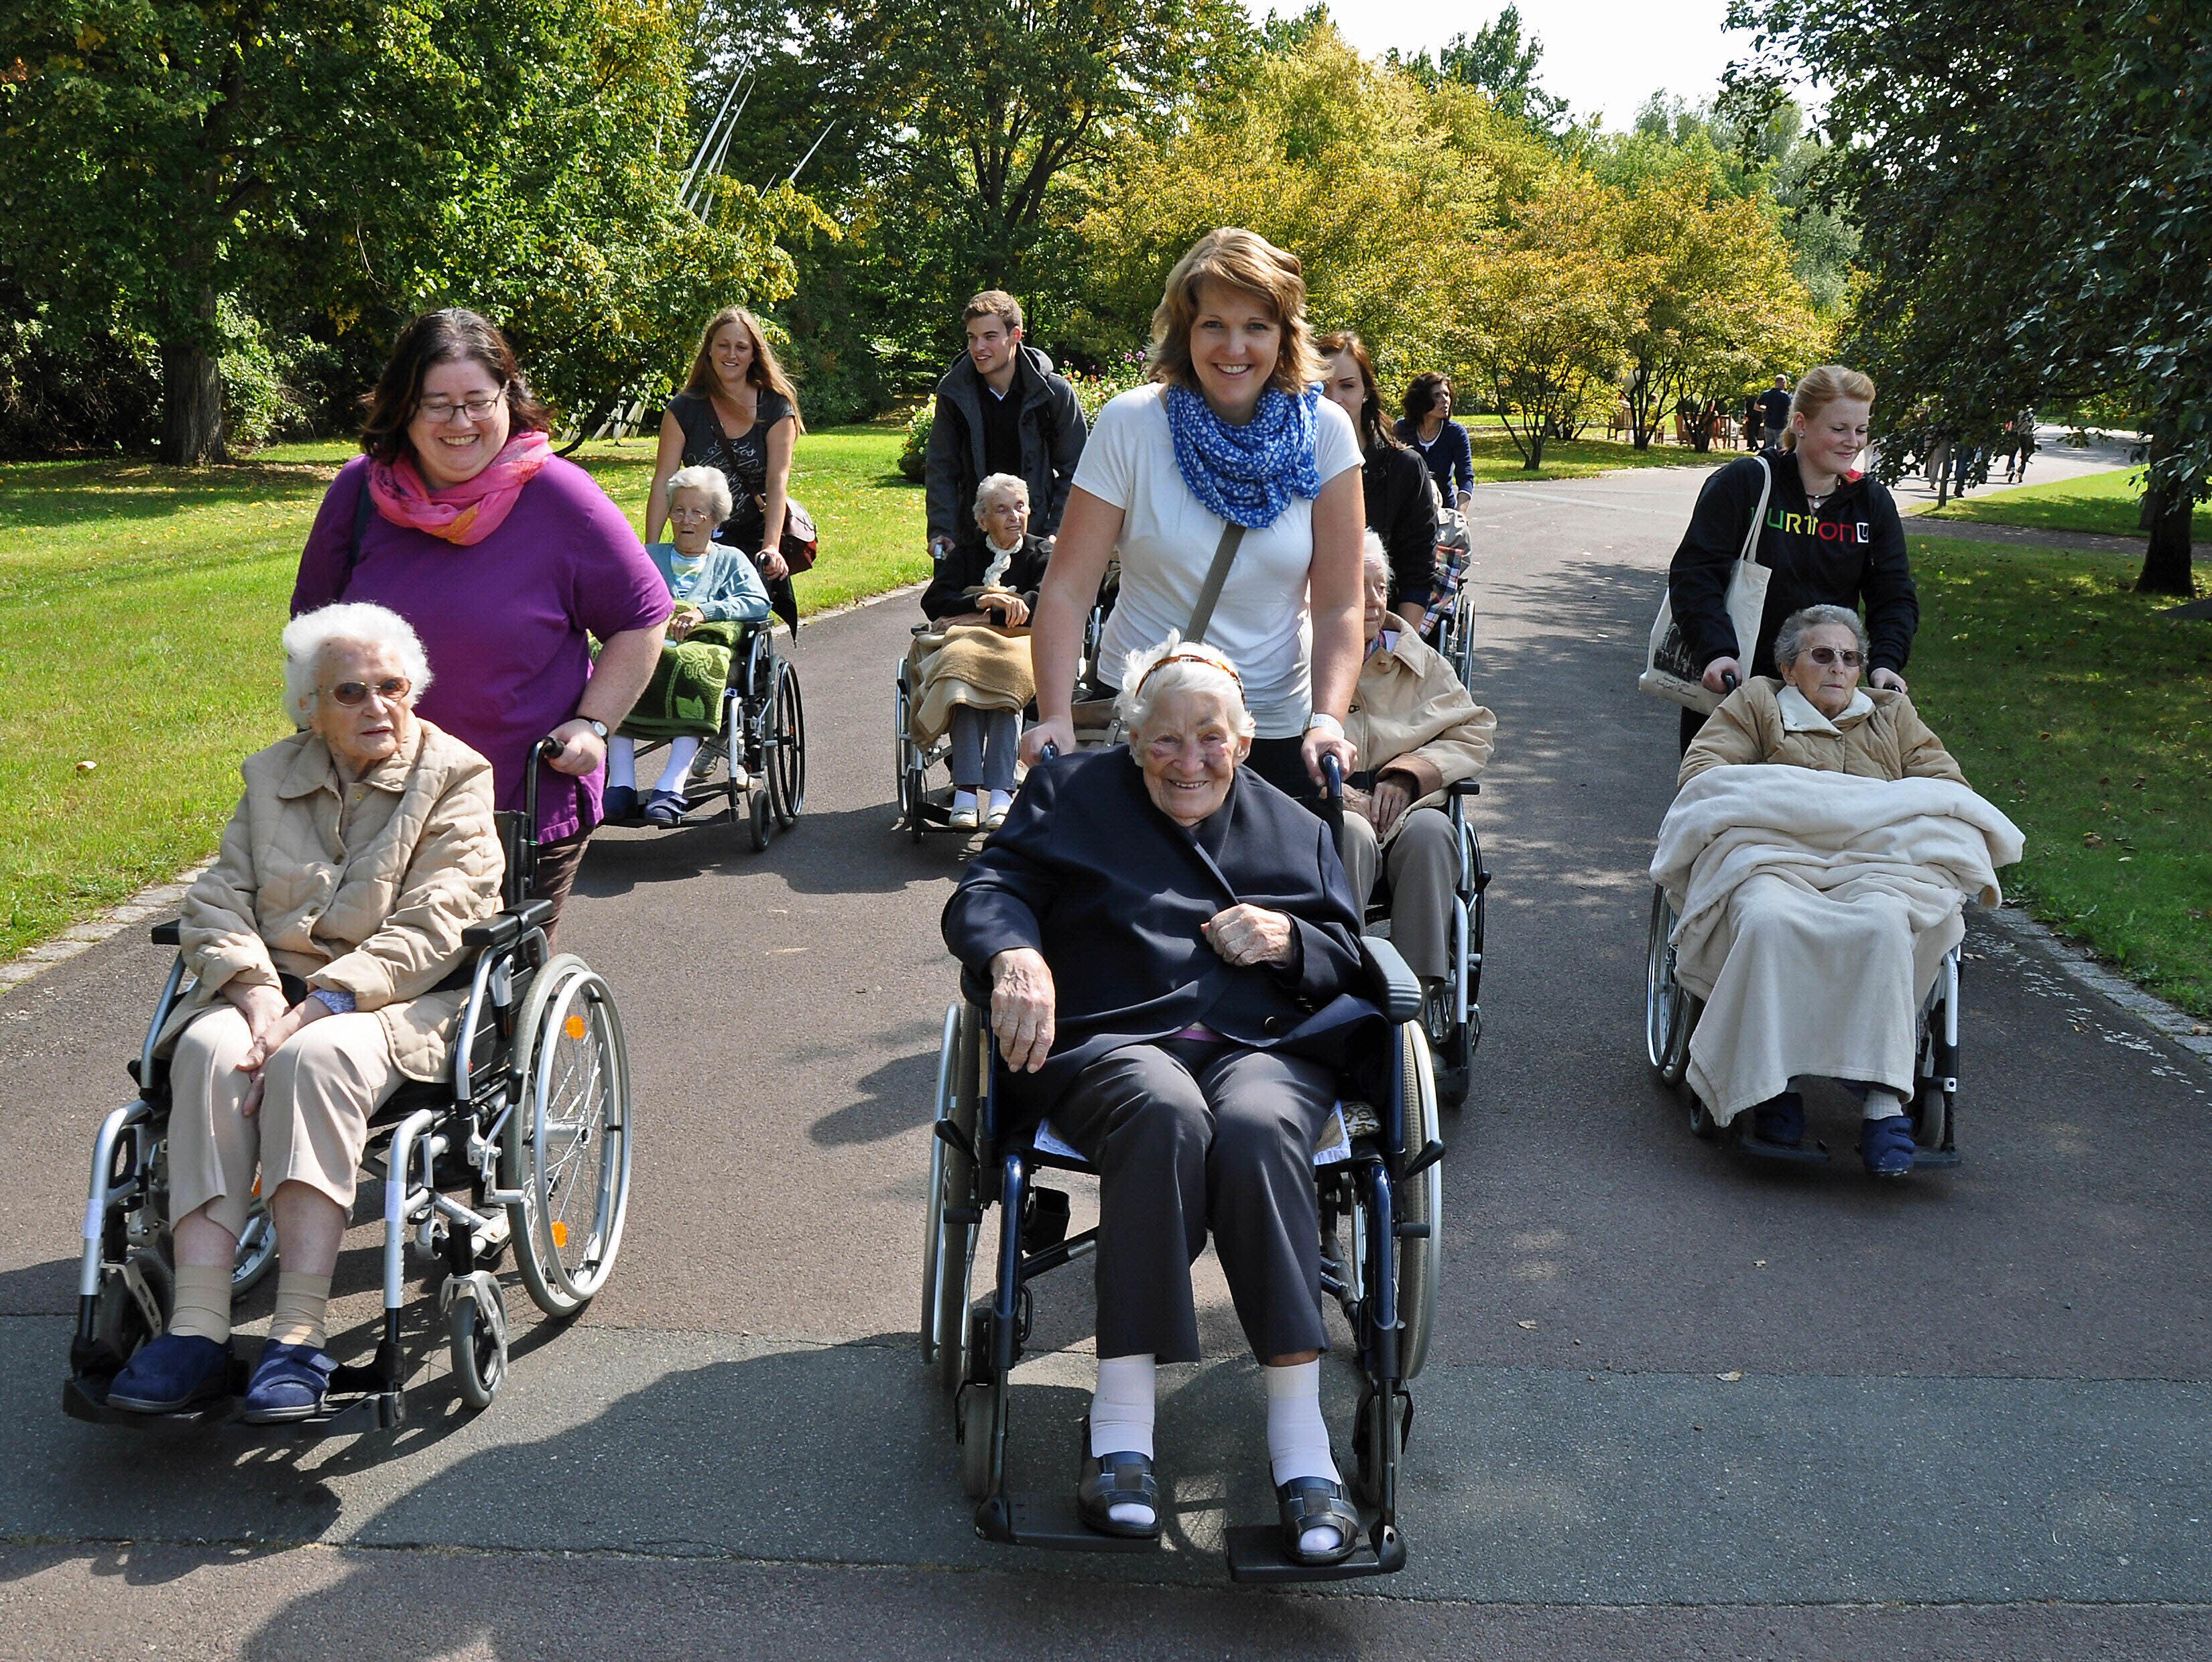 Betriebsausflug Ideen: Ausflug mit Senioren in einen Park